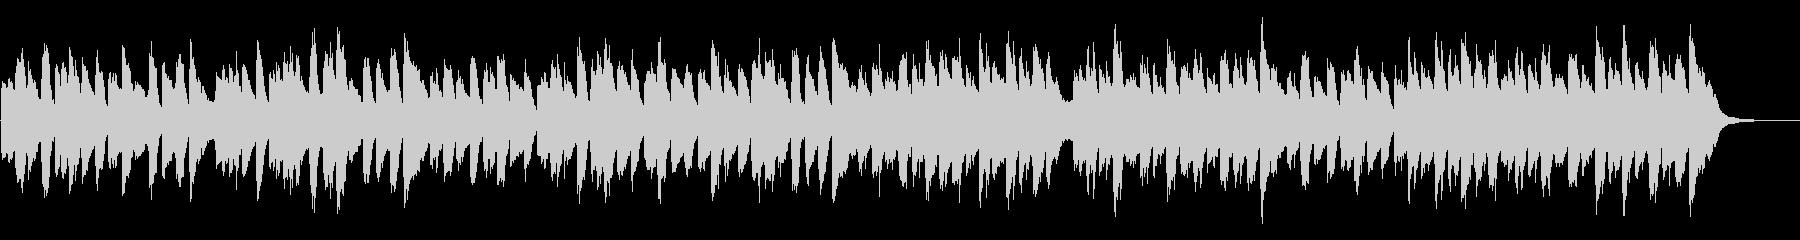 ほのぼのしたピアノショートBGMの未再生の波形